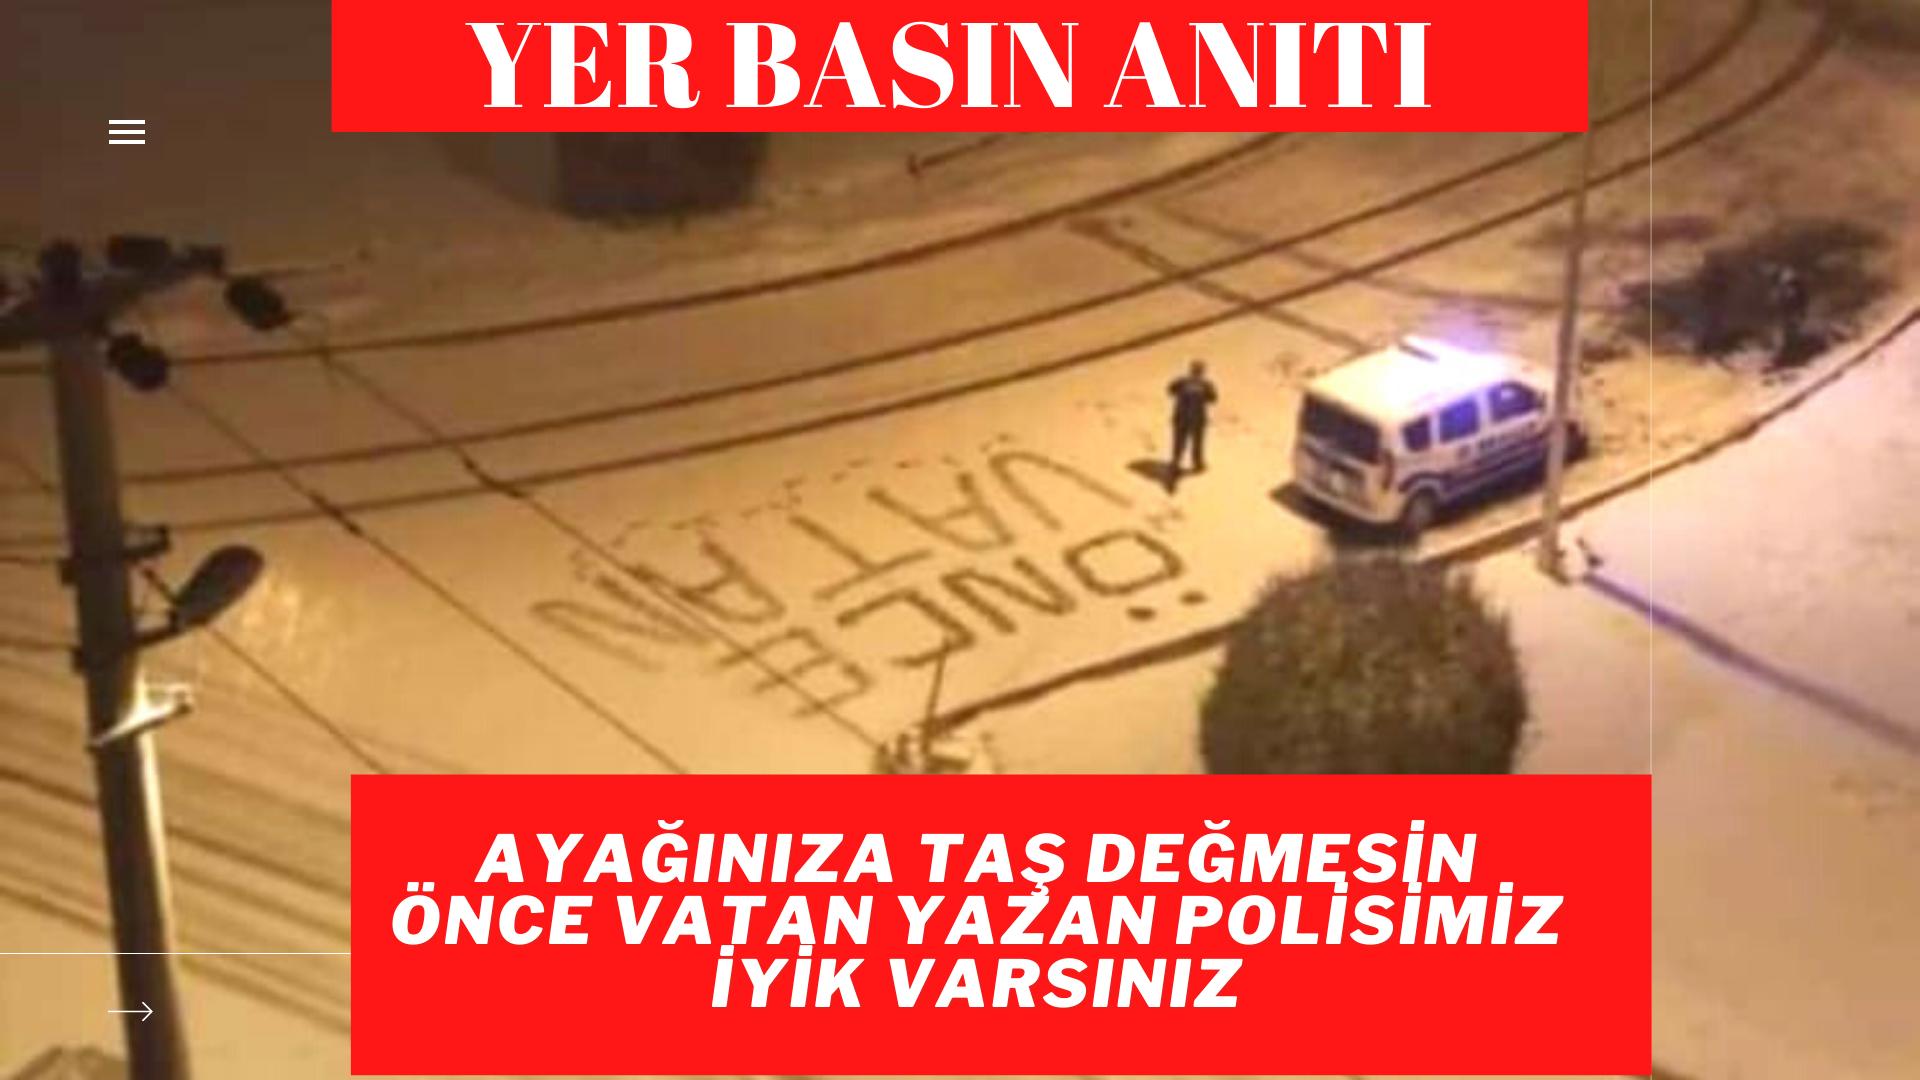 Kırşehir'de polisimizden karın üstüne 'önce vatan' yazısı